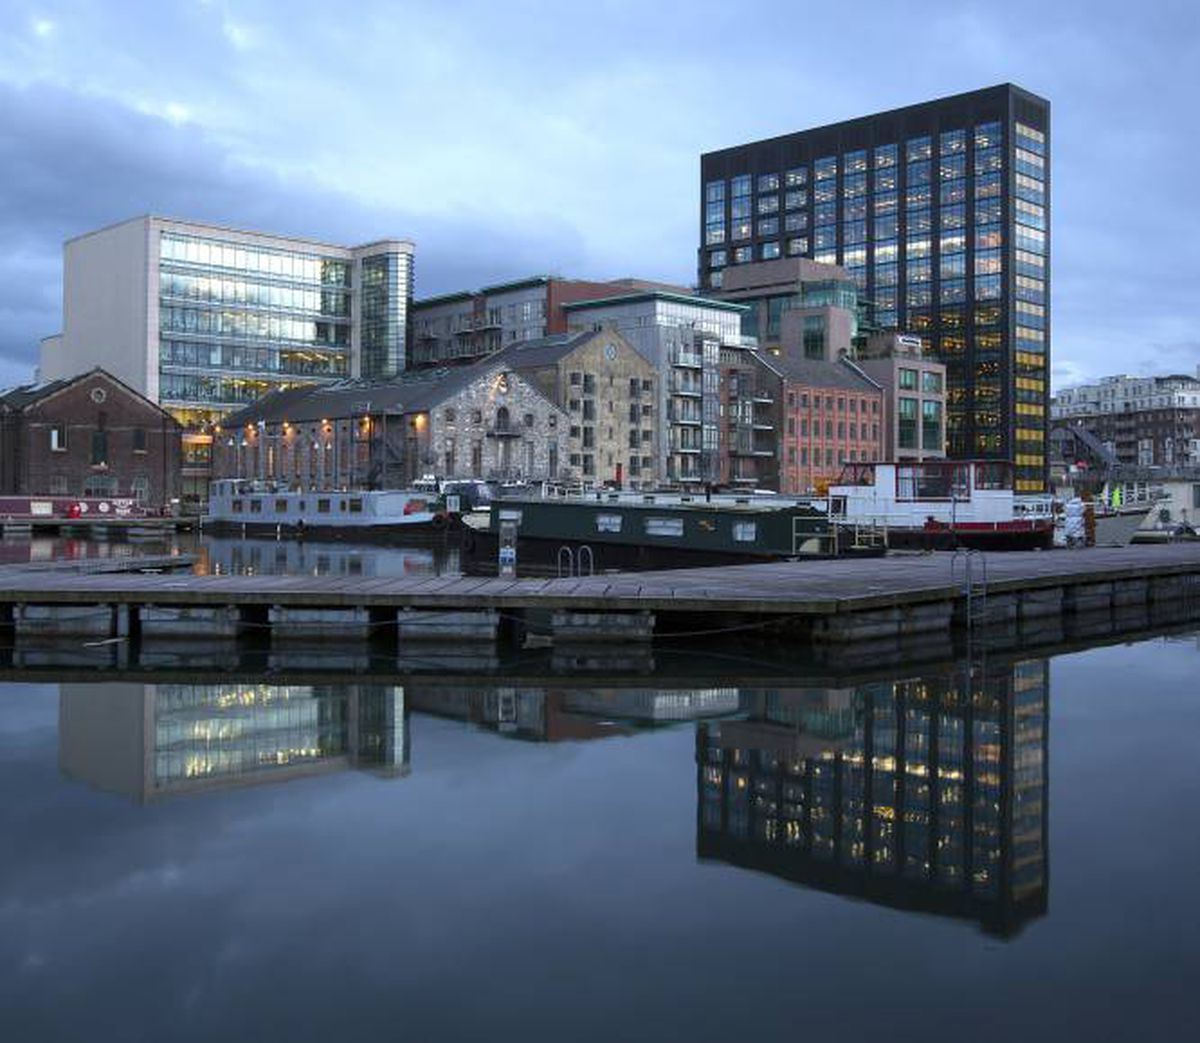 Irlanda se une al acuerdo para fijar un impuesto global del 15% a las empresas multinacionales |  Ciencias económicas